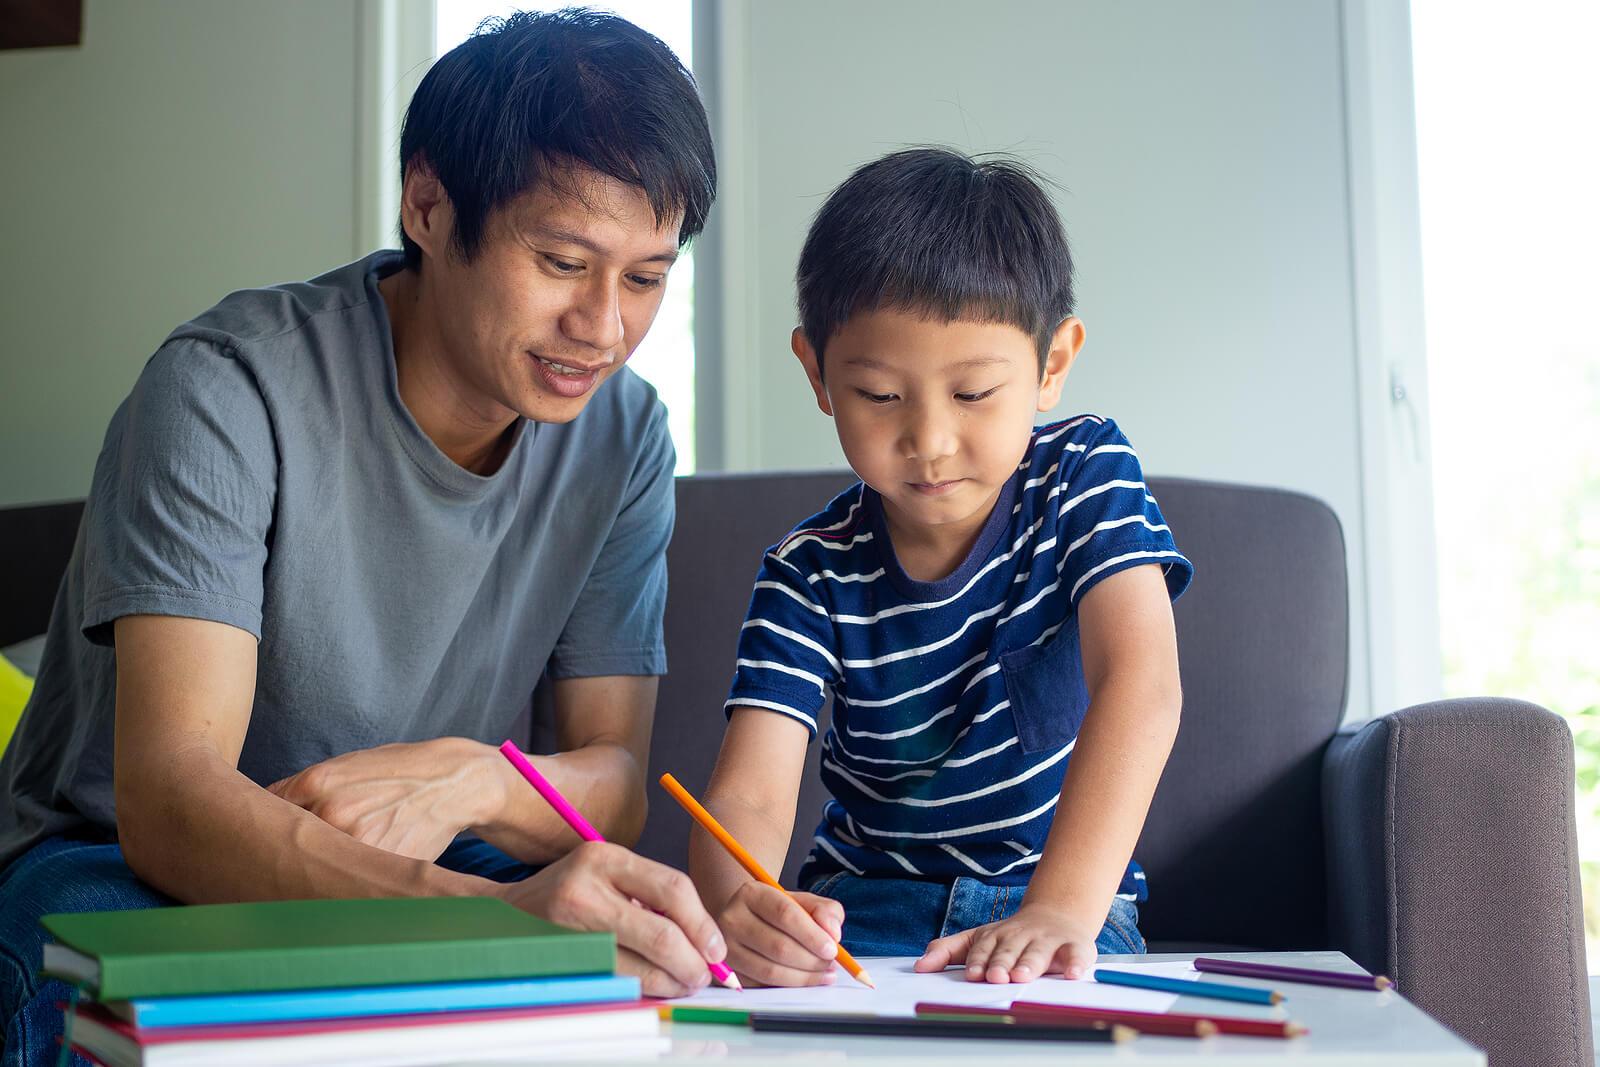 Chico recibiendo clases de apoyo y refuerzo en el colegio.